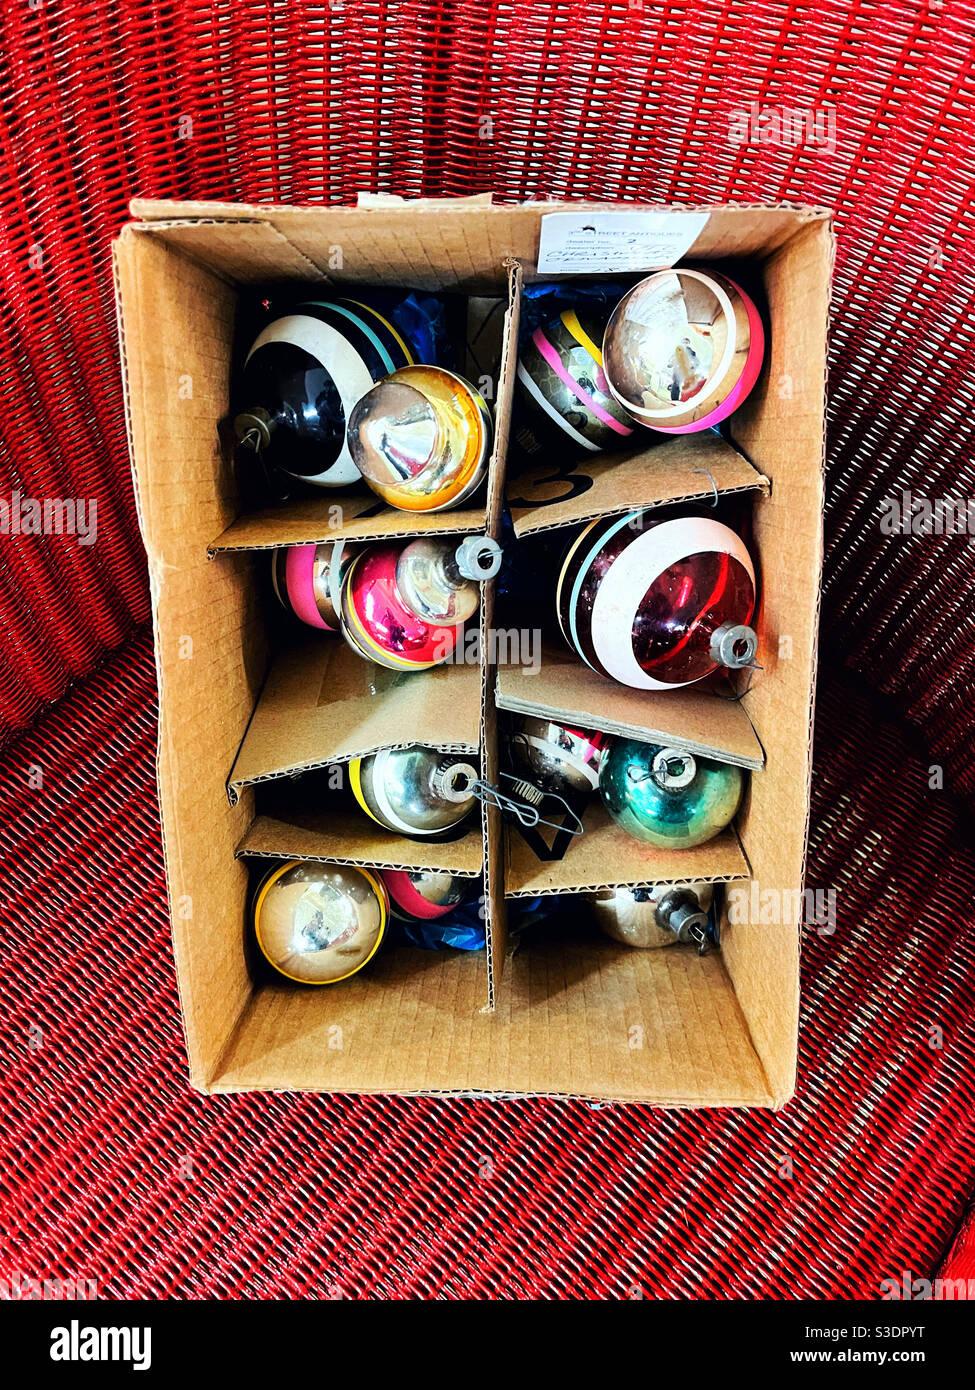 Adornos de burbujas navideñas vintage en y caja de cartón vieja en silla de mimbre roja Foto de stock